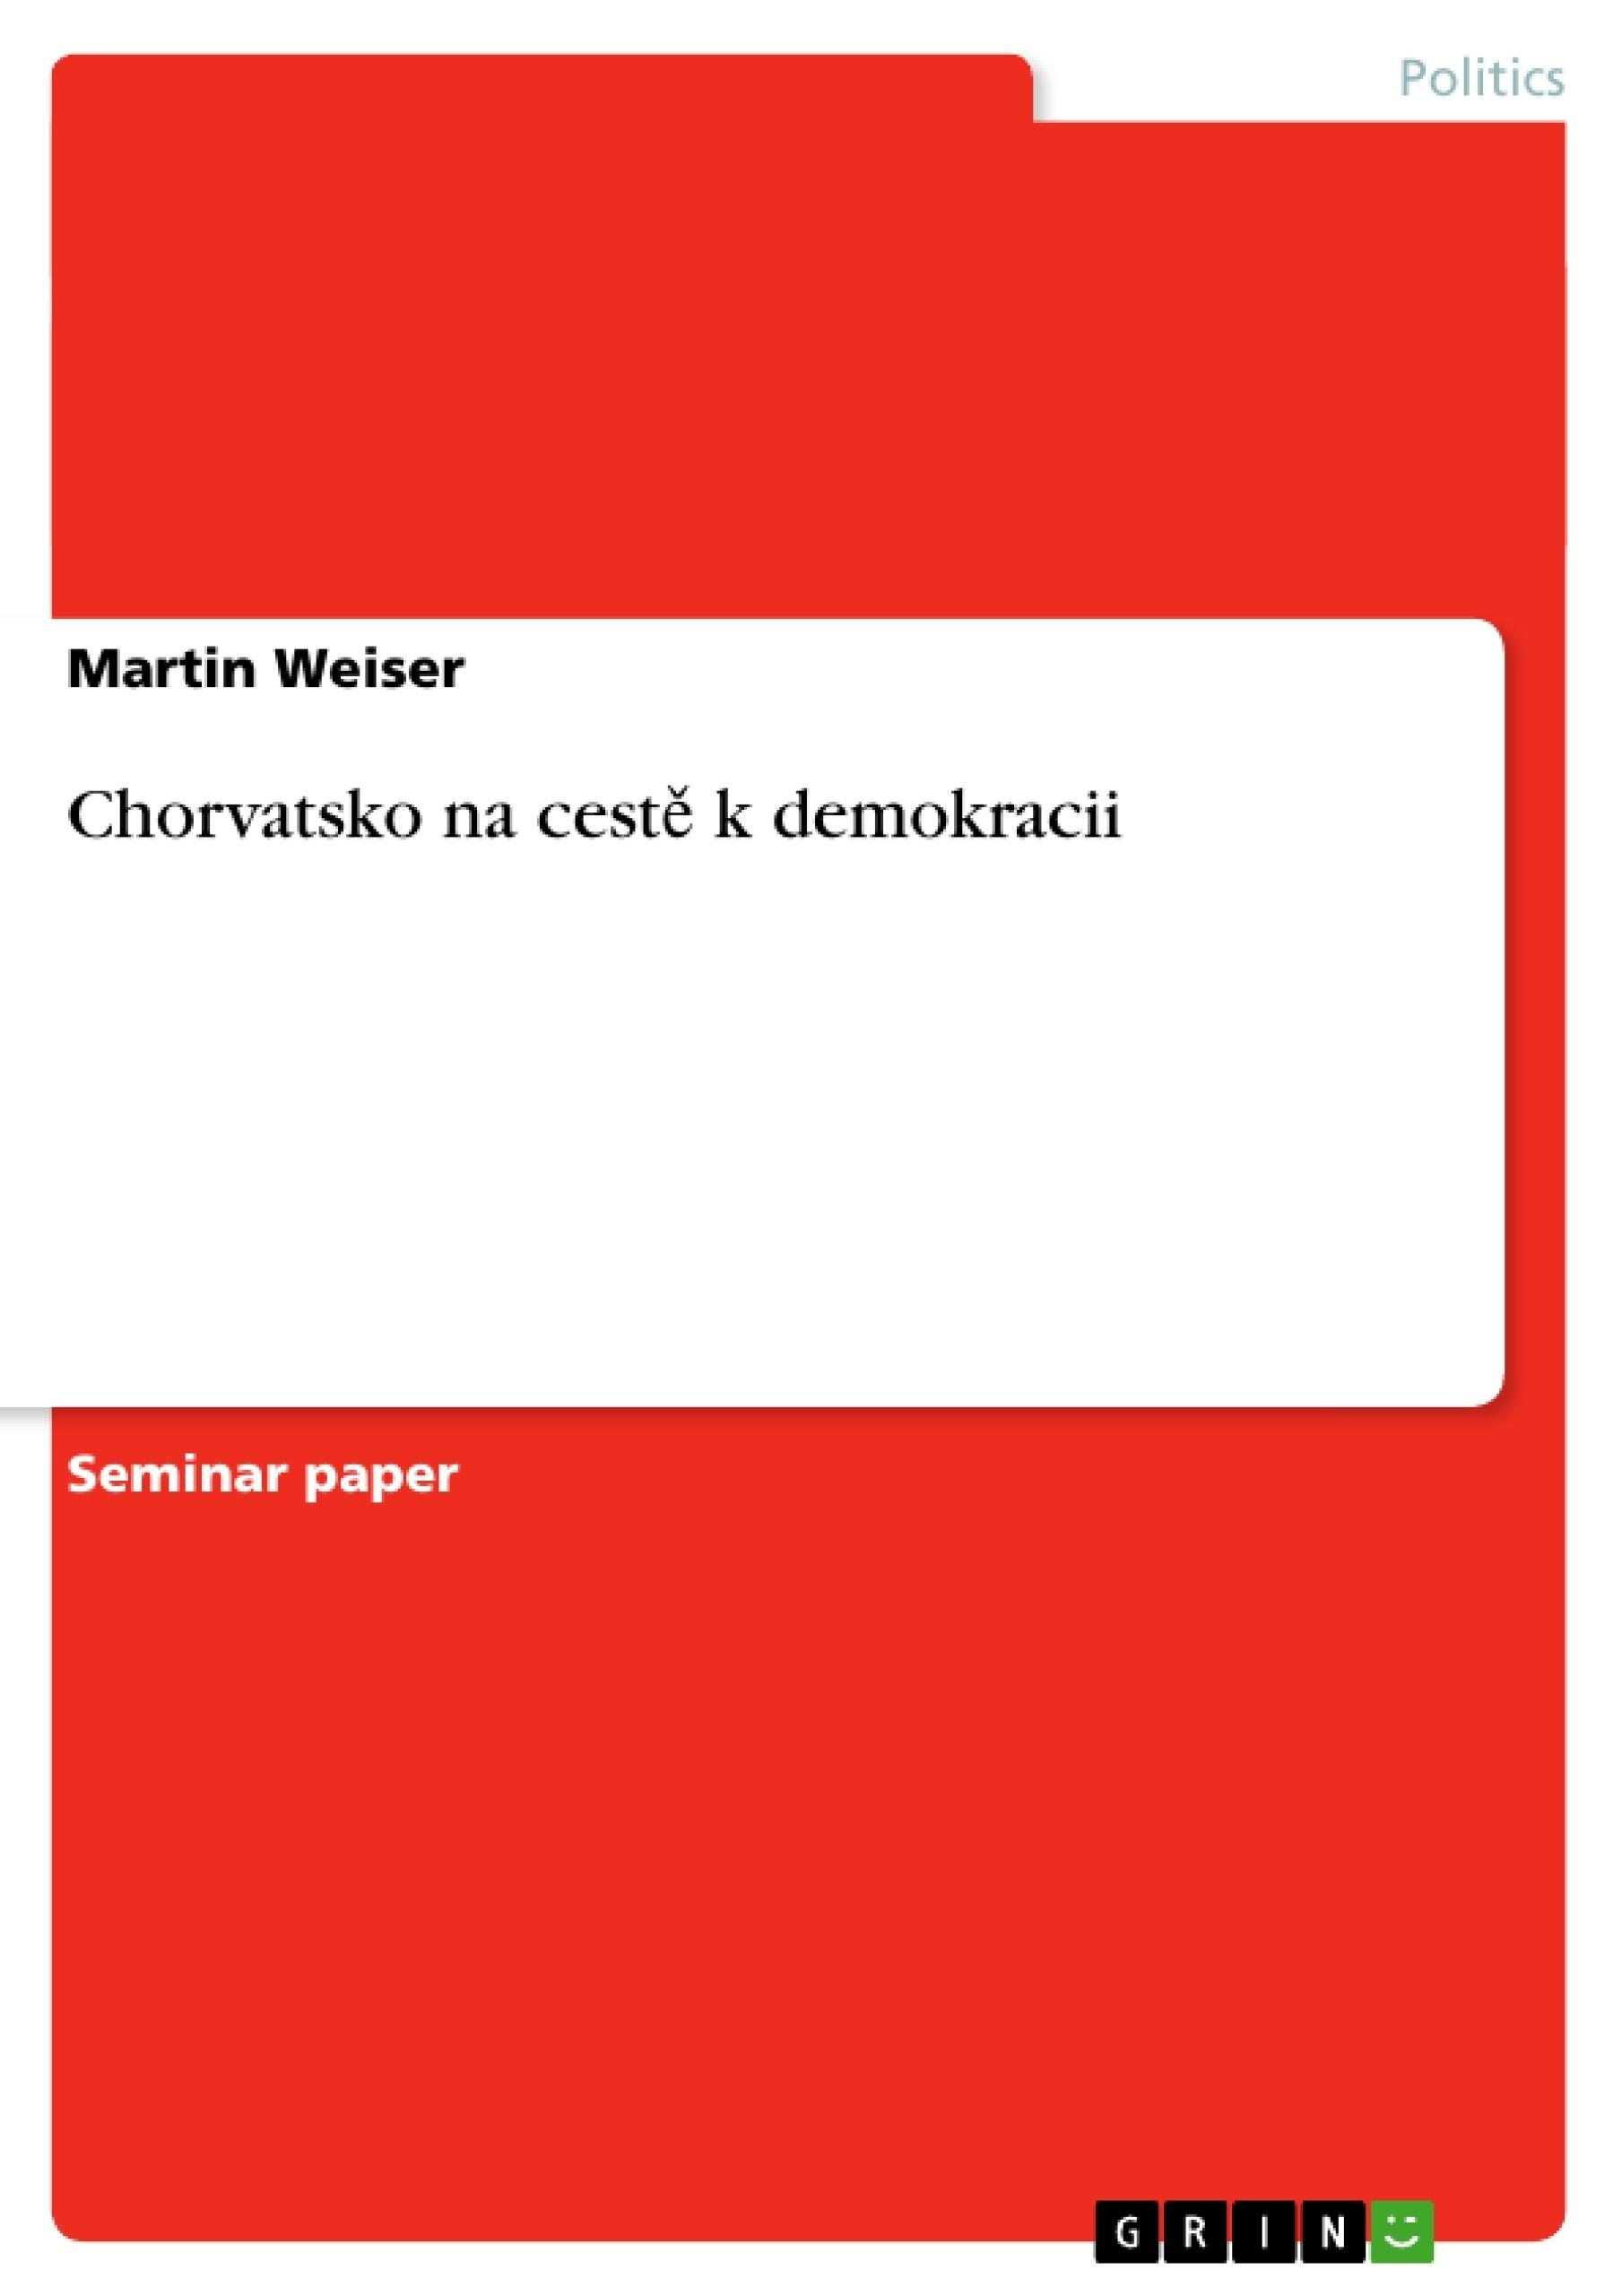 Title: Chorvatsko na cestě k demokracii